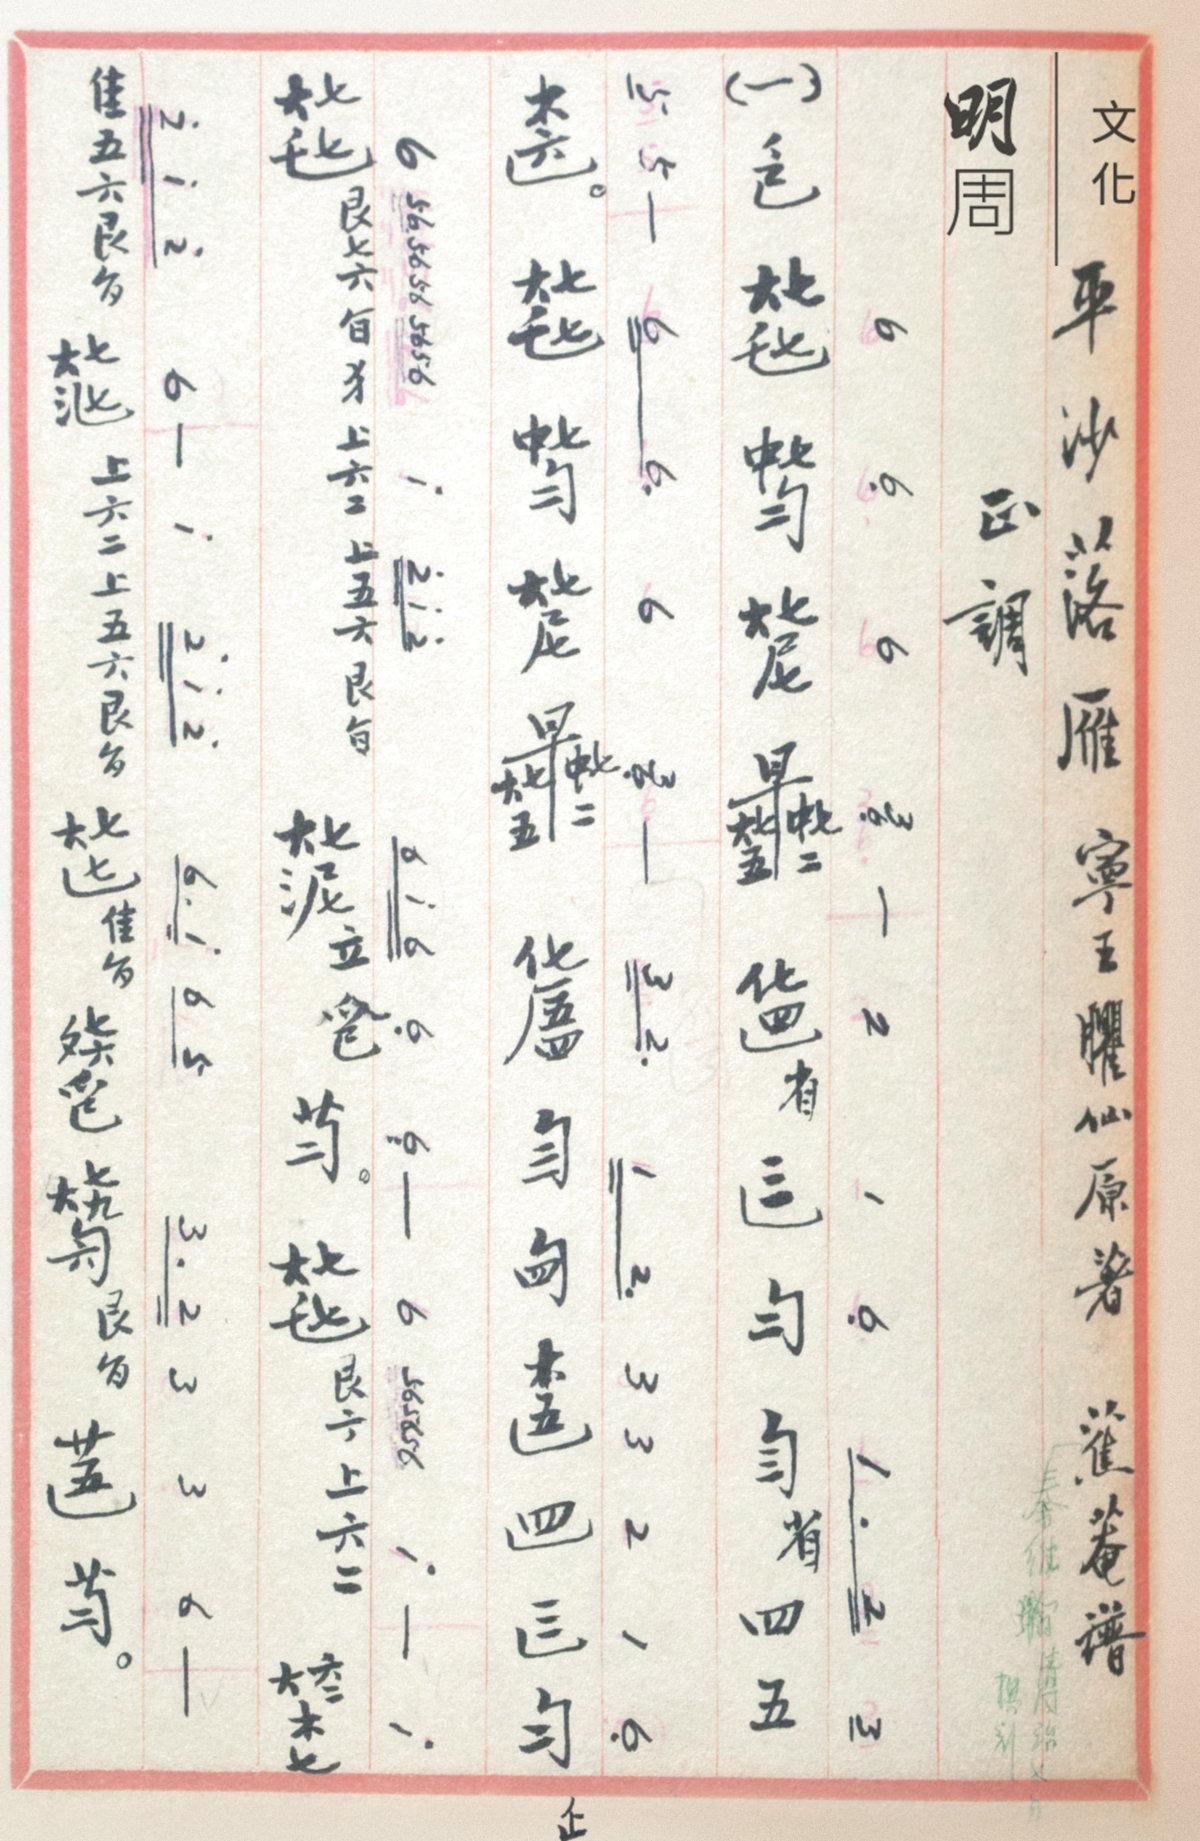 蔡德允《愔愔室琴譜》 手抄《平沙落雁》減字譜